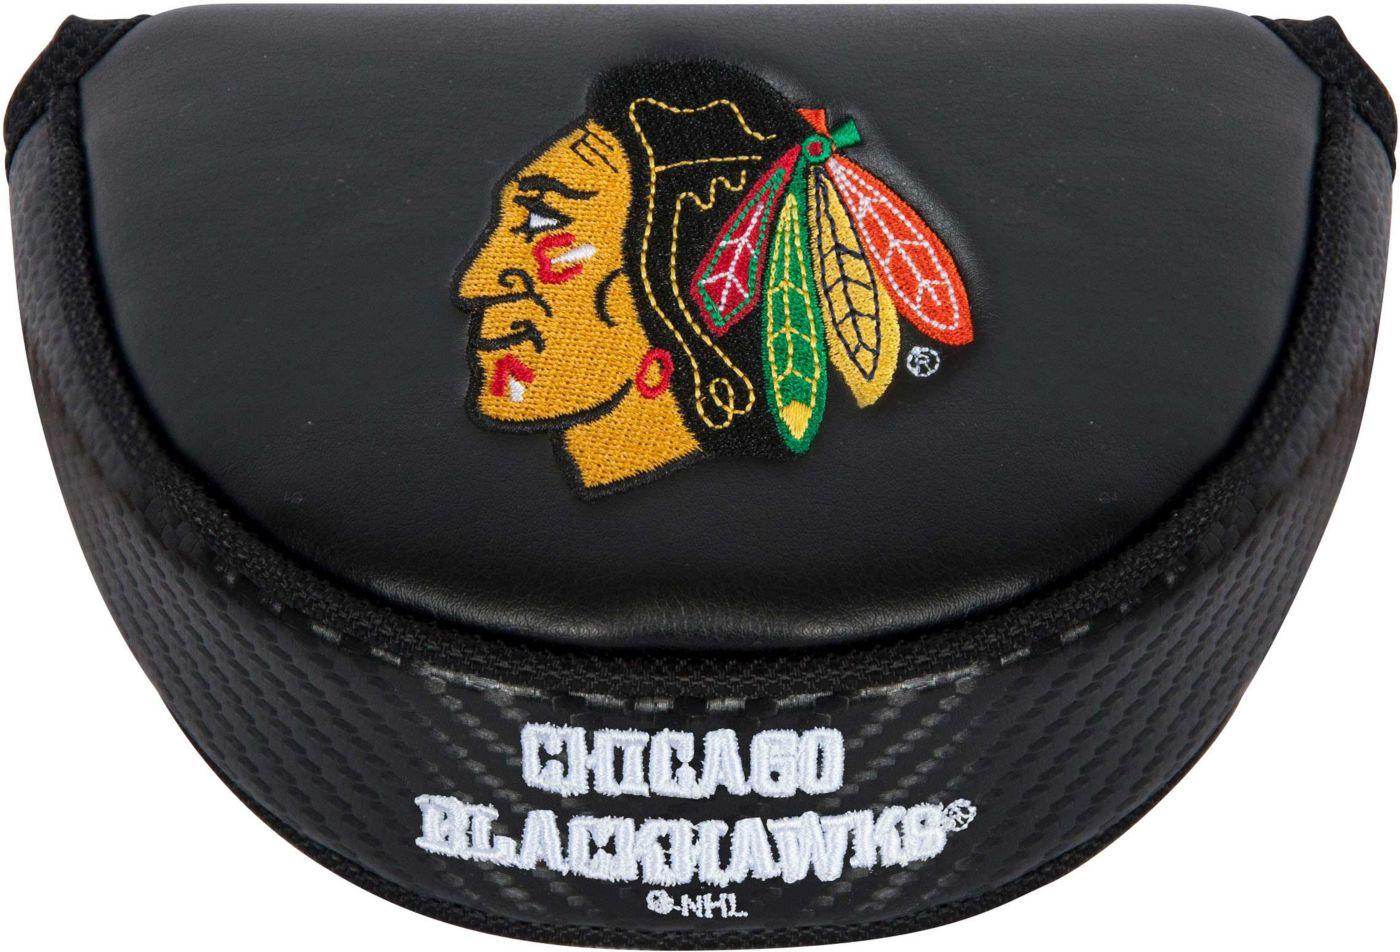 Team Effort Chicago Blackhawks Mallet Putter Headcover